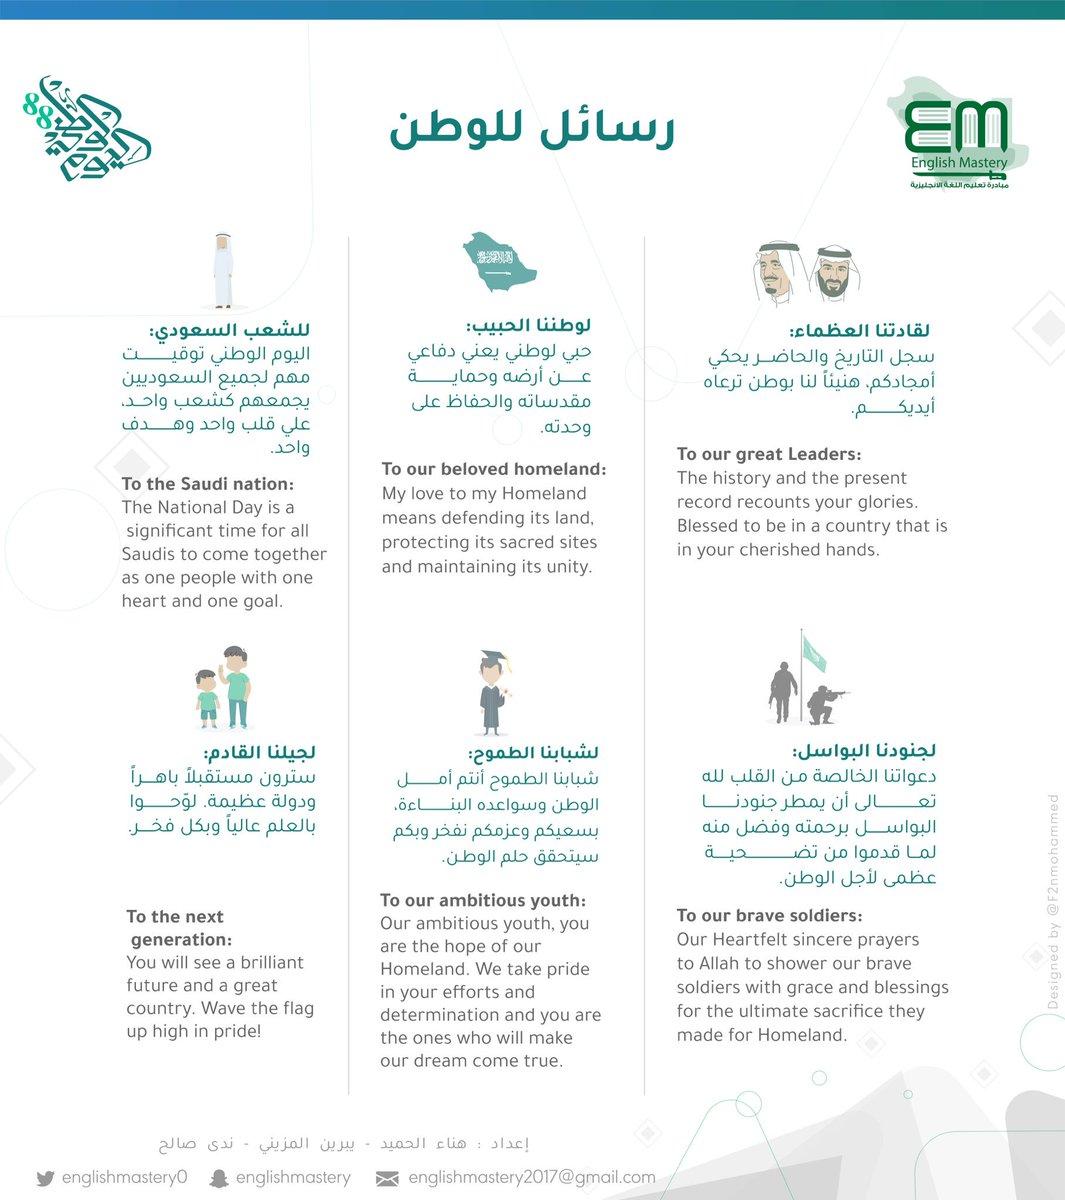 #SaudiNationalDay2018  #88عاما_من_العطاء #اليوم_الوطني88  #دام_عزك_ياوطن٨٨ #مدونة_تعلم_الإنجليزية رسائل للوطن الغالي 🇸🇦